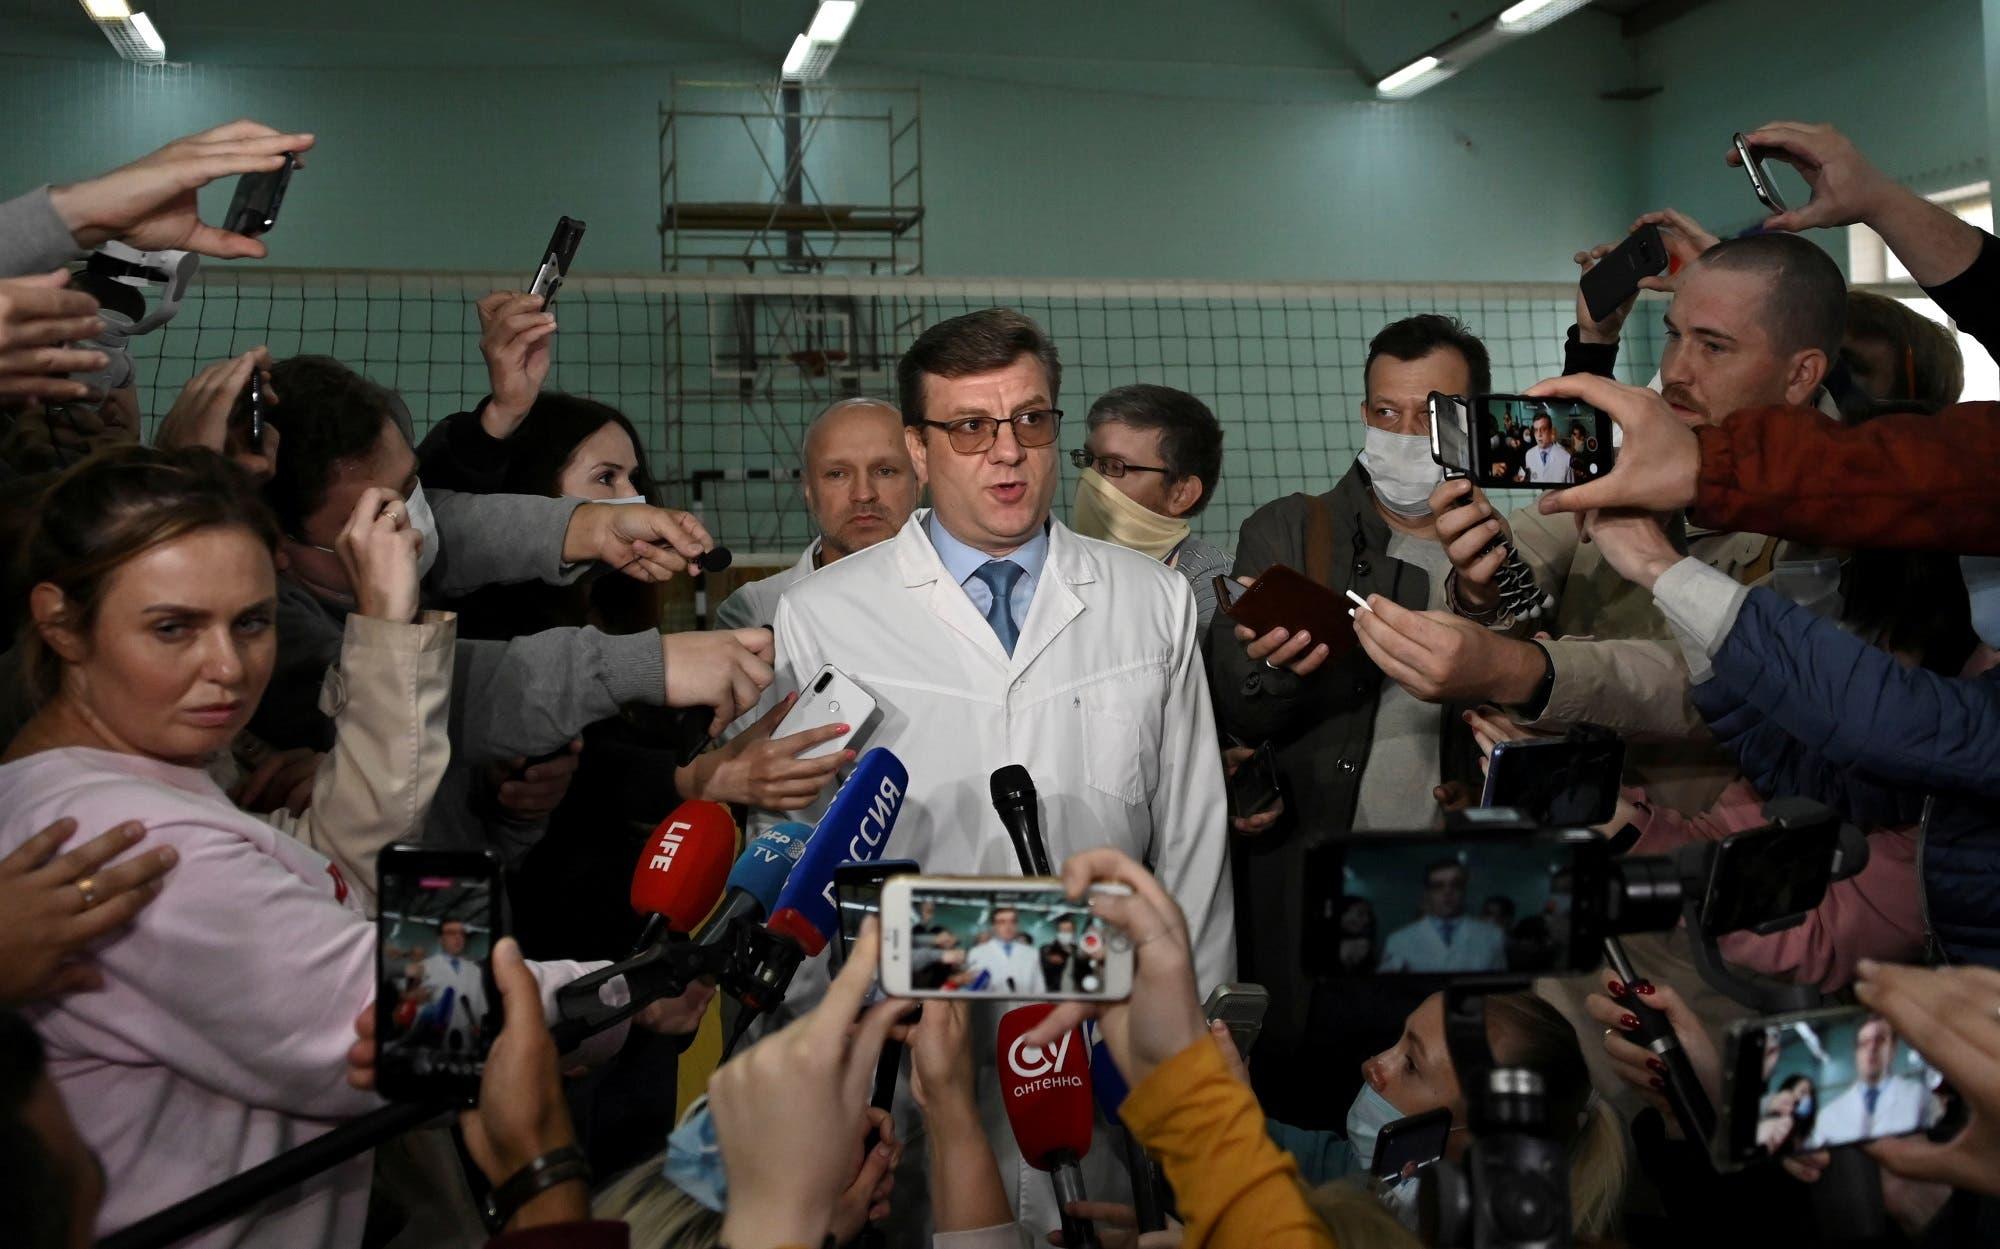 الطبيب ألكسندر موراخوفسكي يتحدث لوسائل الإعلام في أومسك يوم 21 أغسطس 2020 (رويترز)